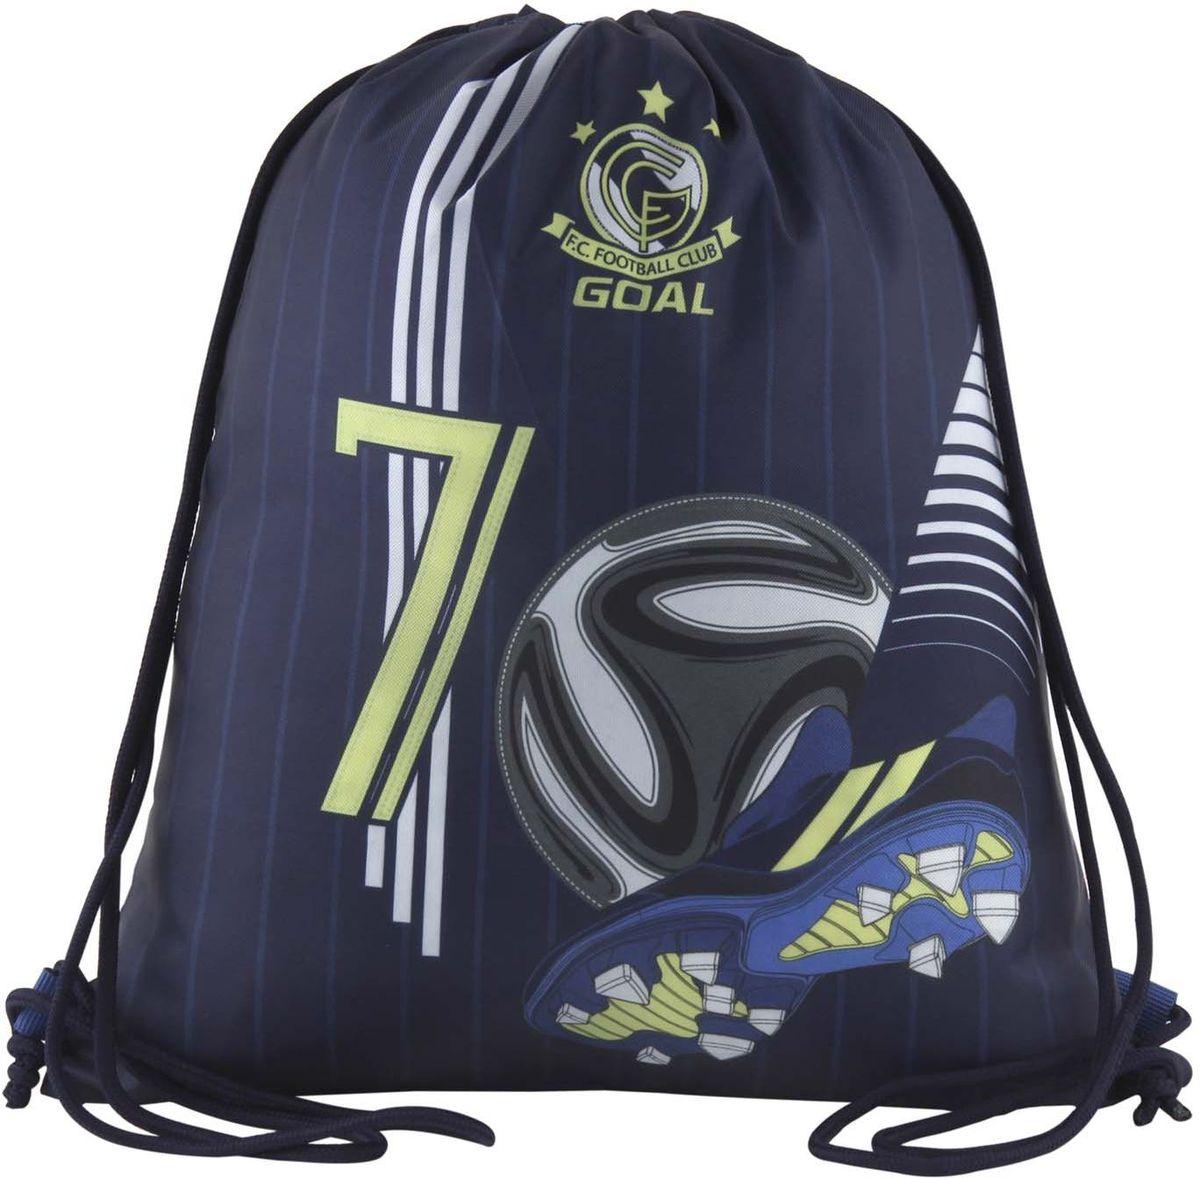 Target Collection Сумка для детской сменной обуви цвета FC Real Madrid 1723317233Сумка для переноски детской обуви Target Collection FC Real Madrid, выполнена из плотного водостойкого материала, затягивается сверху шнурком и носится, как рюкзак.